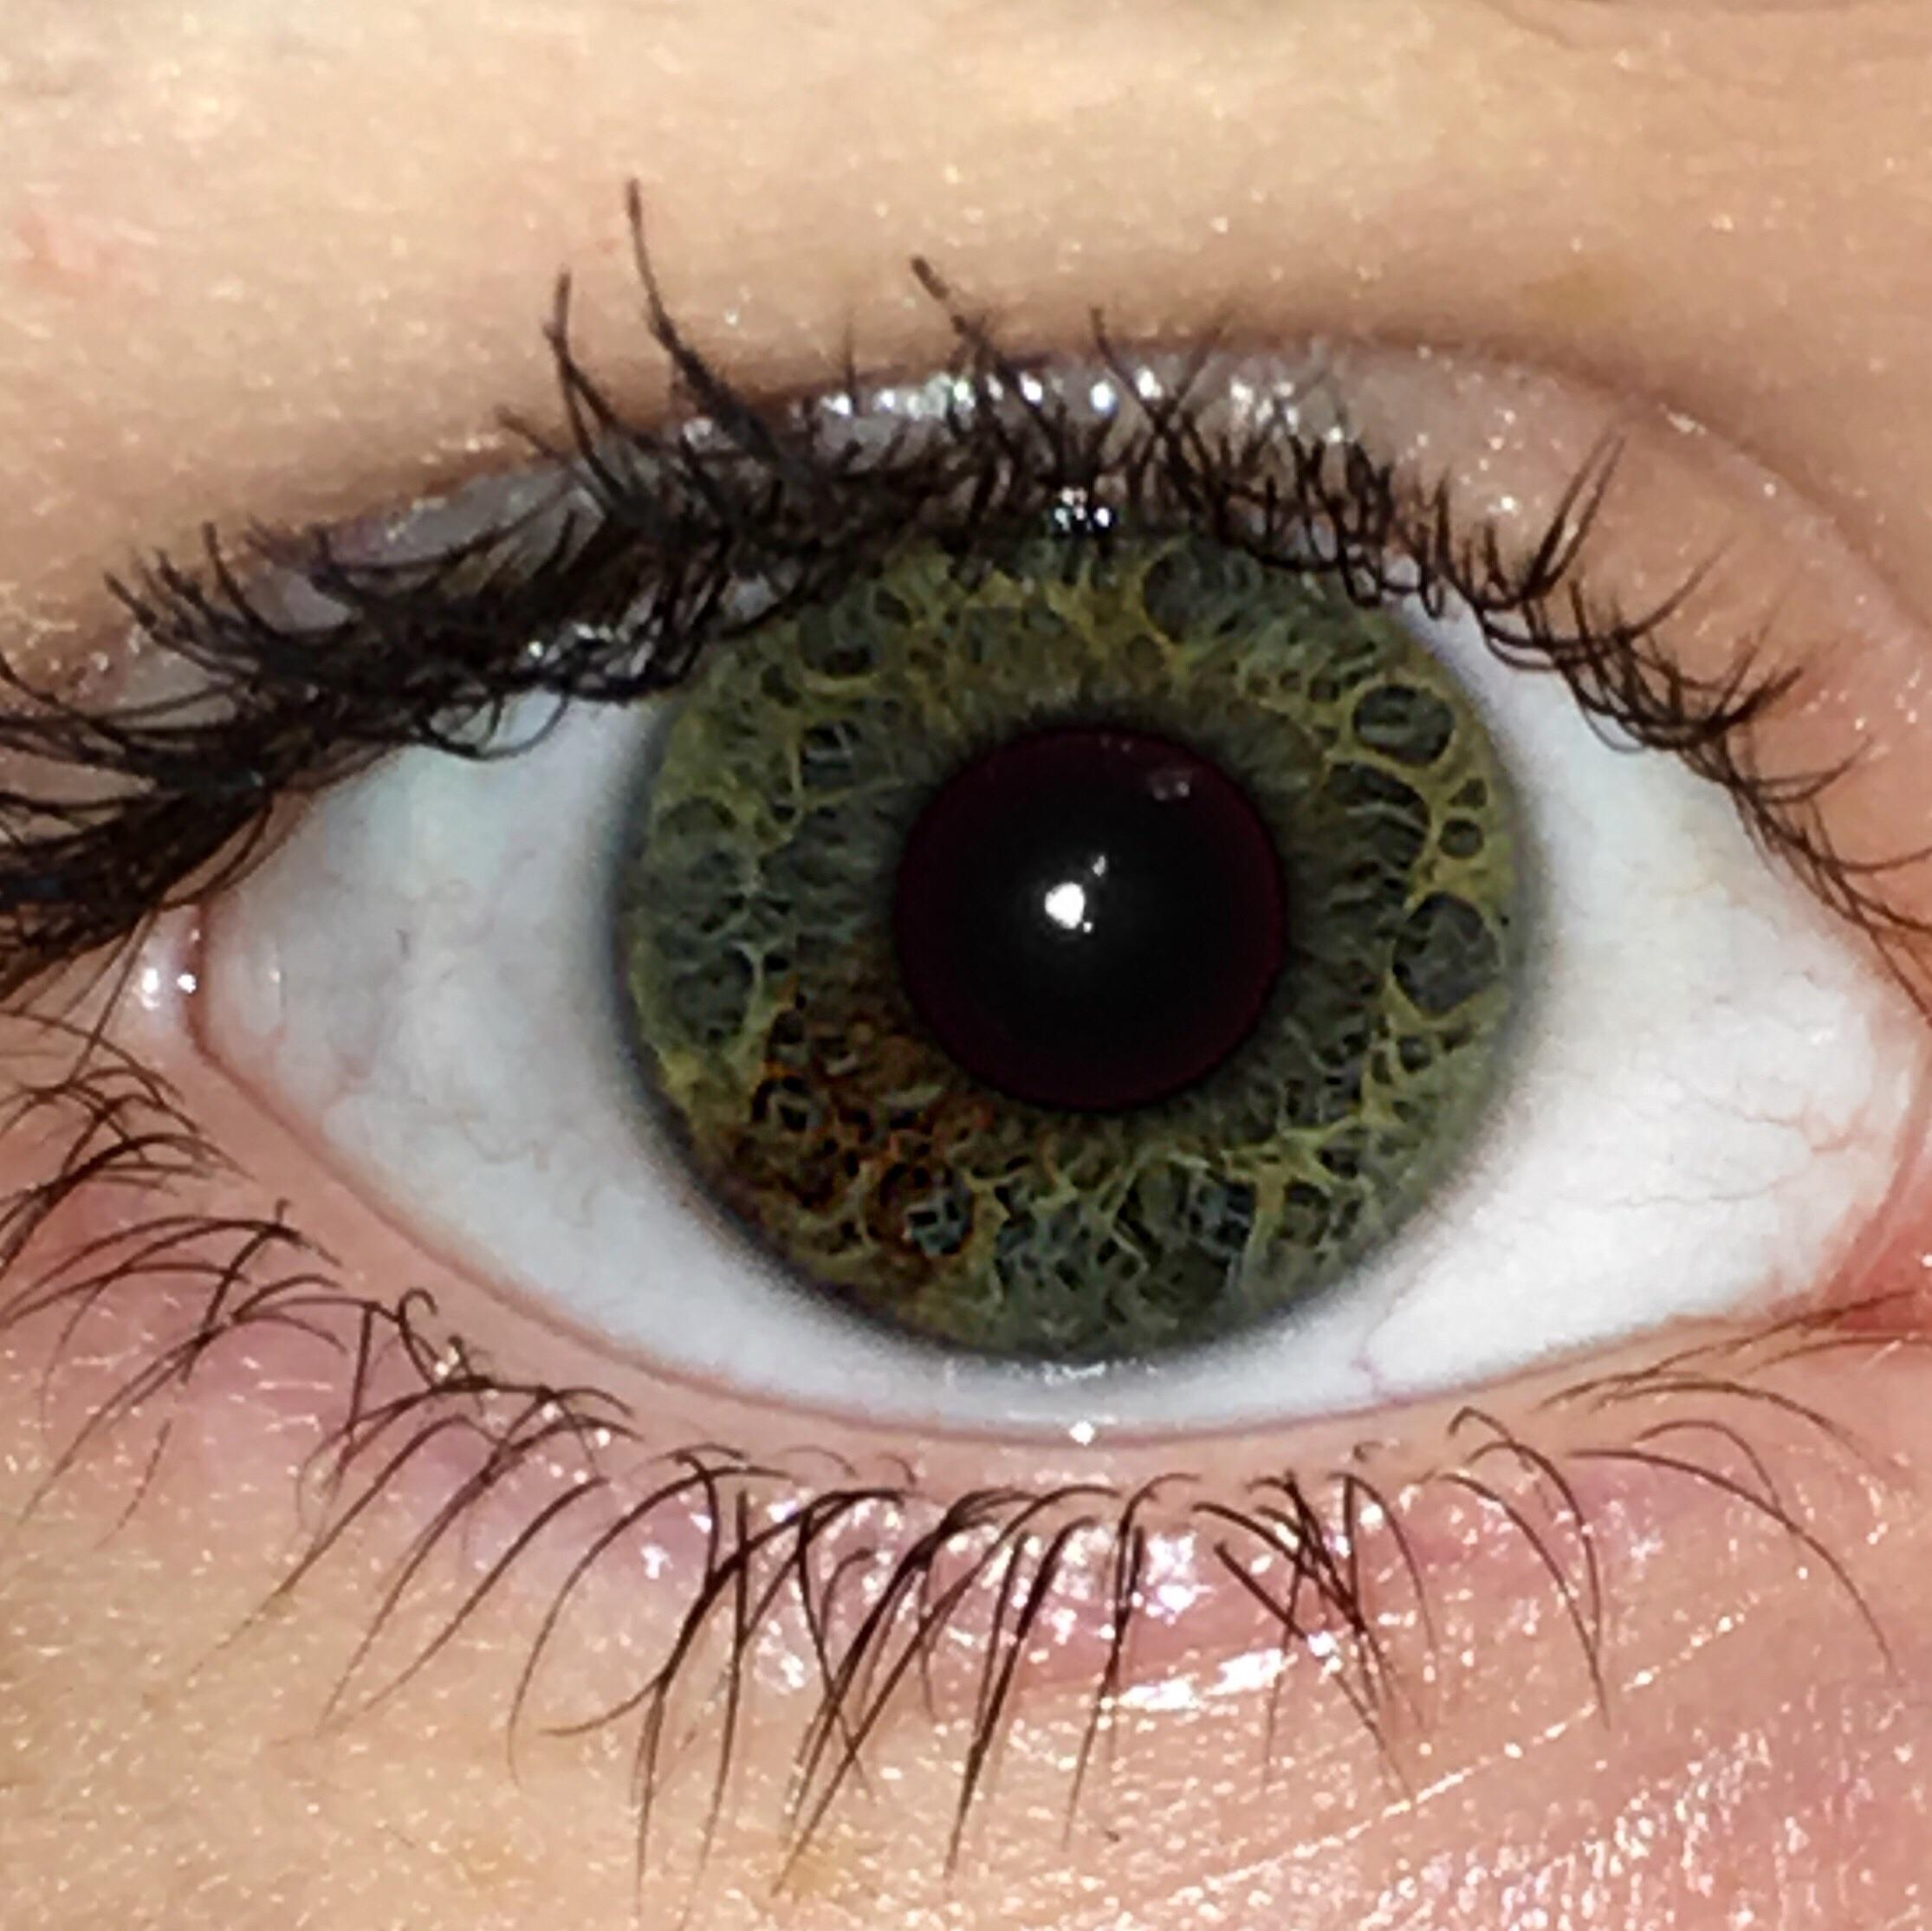 Болотный цвет глаз: значение, характер людей с глазами болотистого цвета